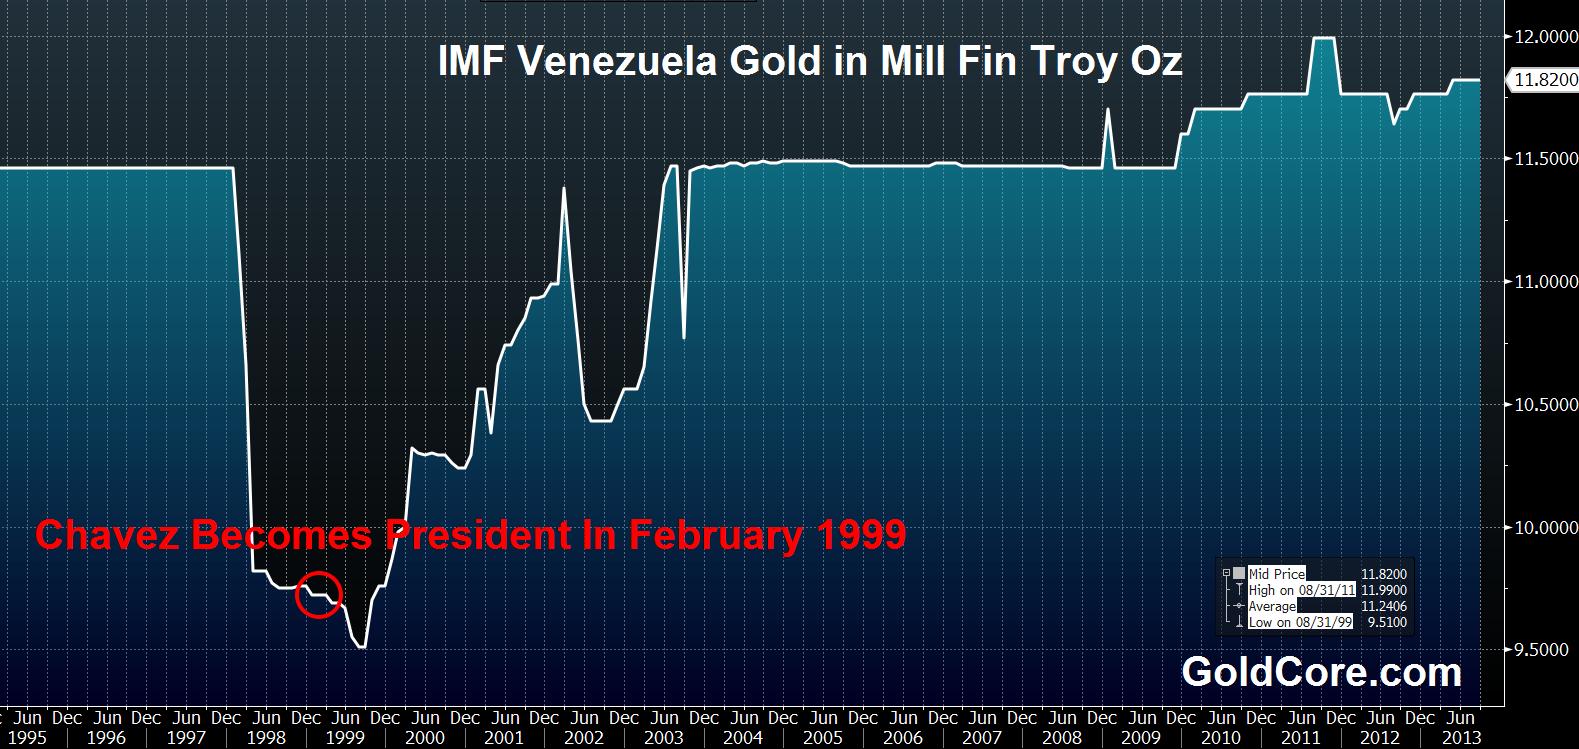 Venezuela Denies Goldman's Gold Deal As Inflation Tops 54%